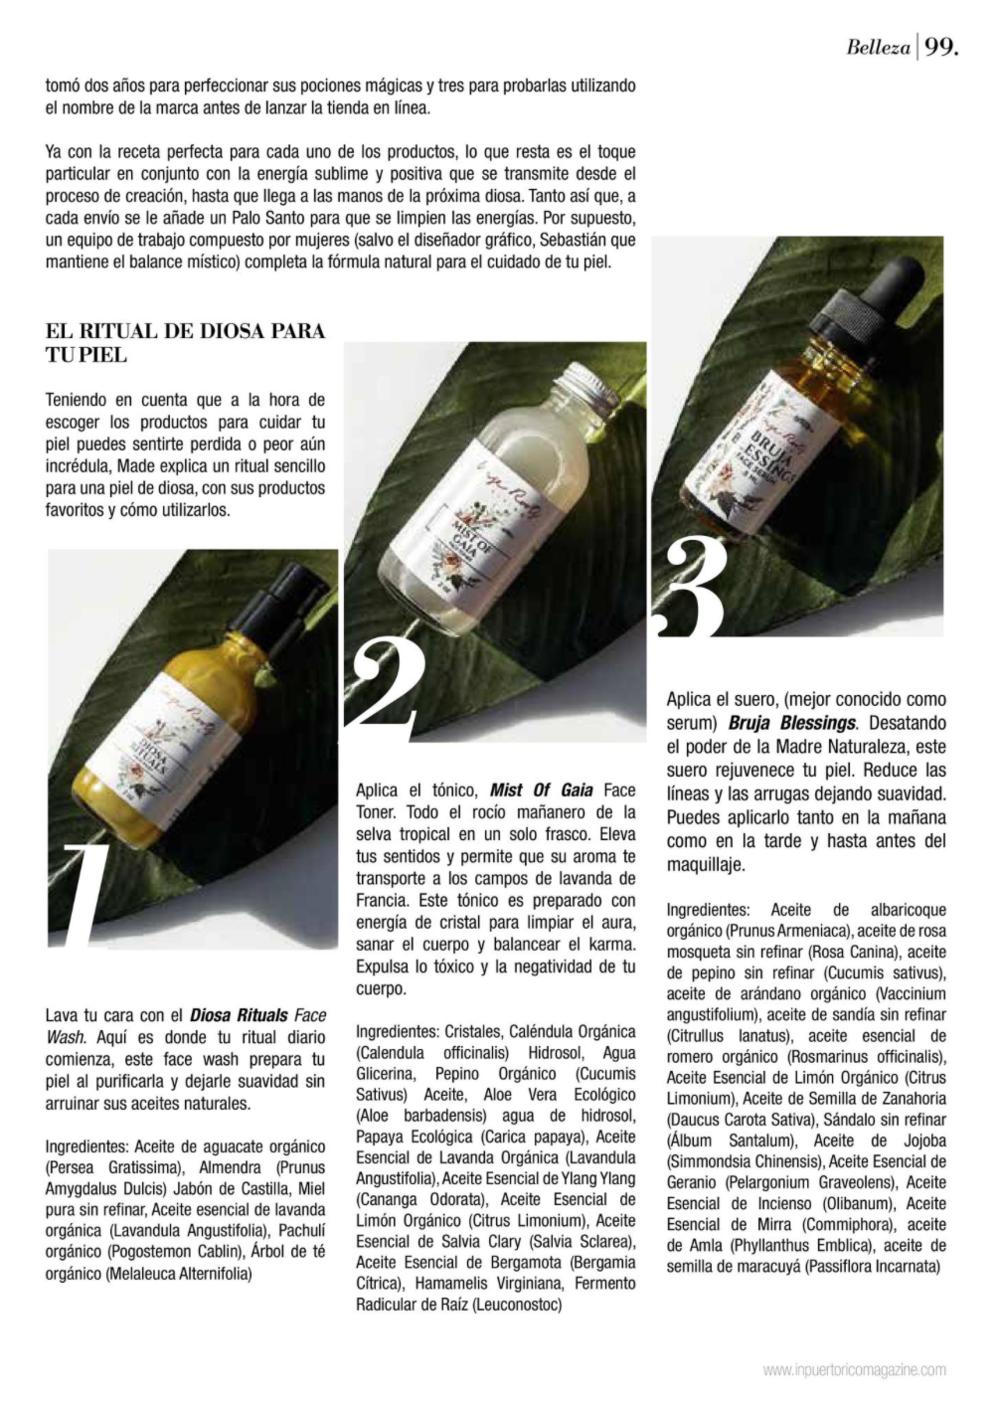 INPuertoRicoMag_Productos_de_Belleza_Holisticos